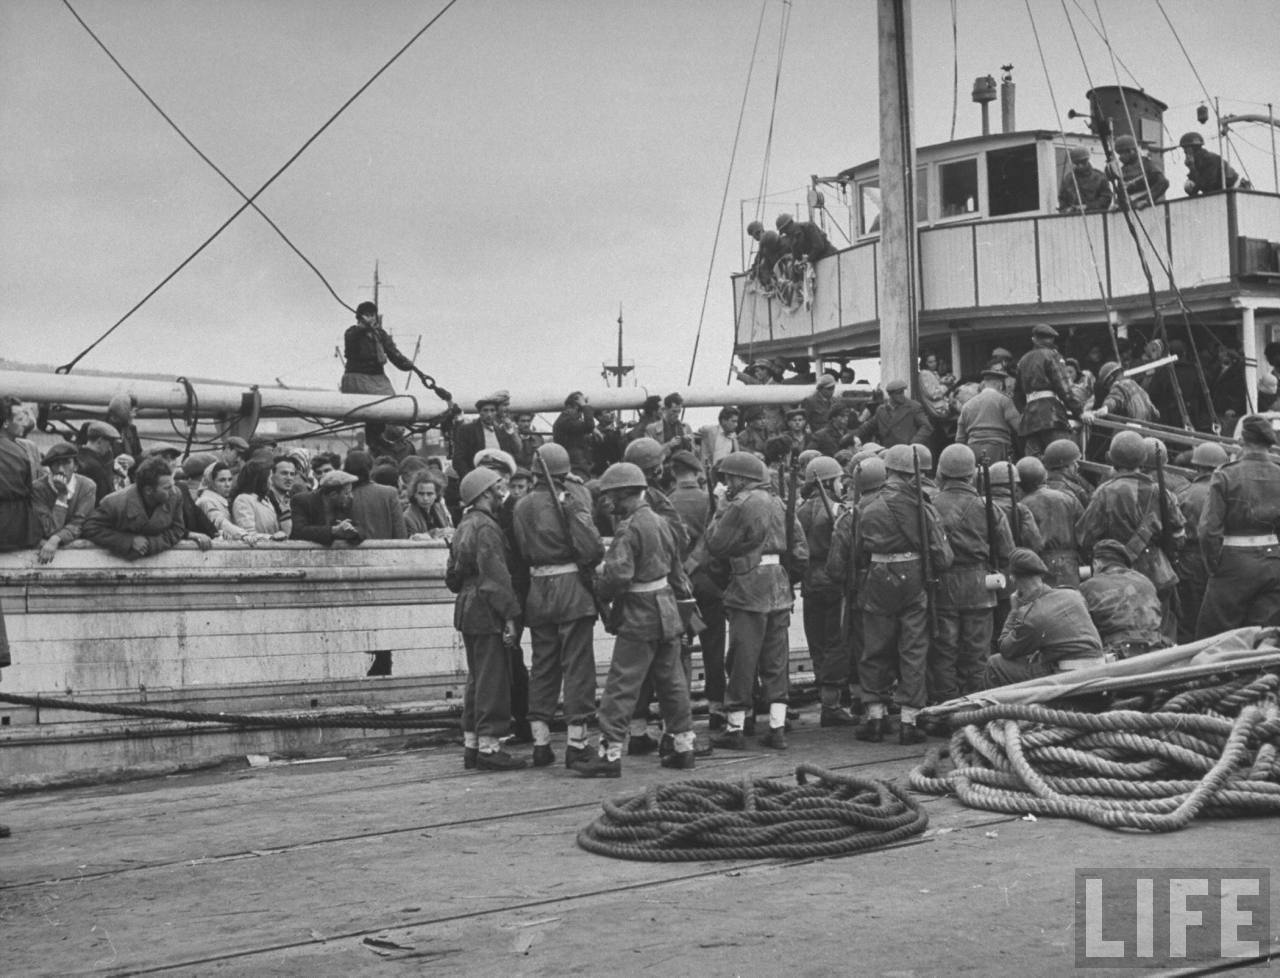 Еврейские иммигранты на борту захваченного судна, окруженного британскими войсками, которые остановили корабль незадолго до официального создания государства Израиль.Хайфа.  Апрель